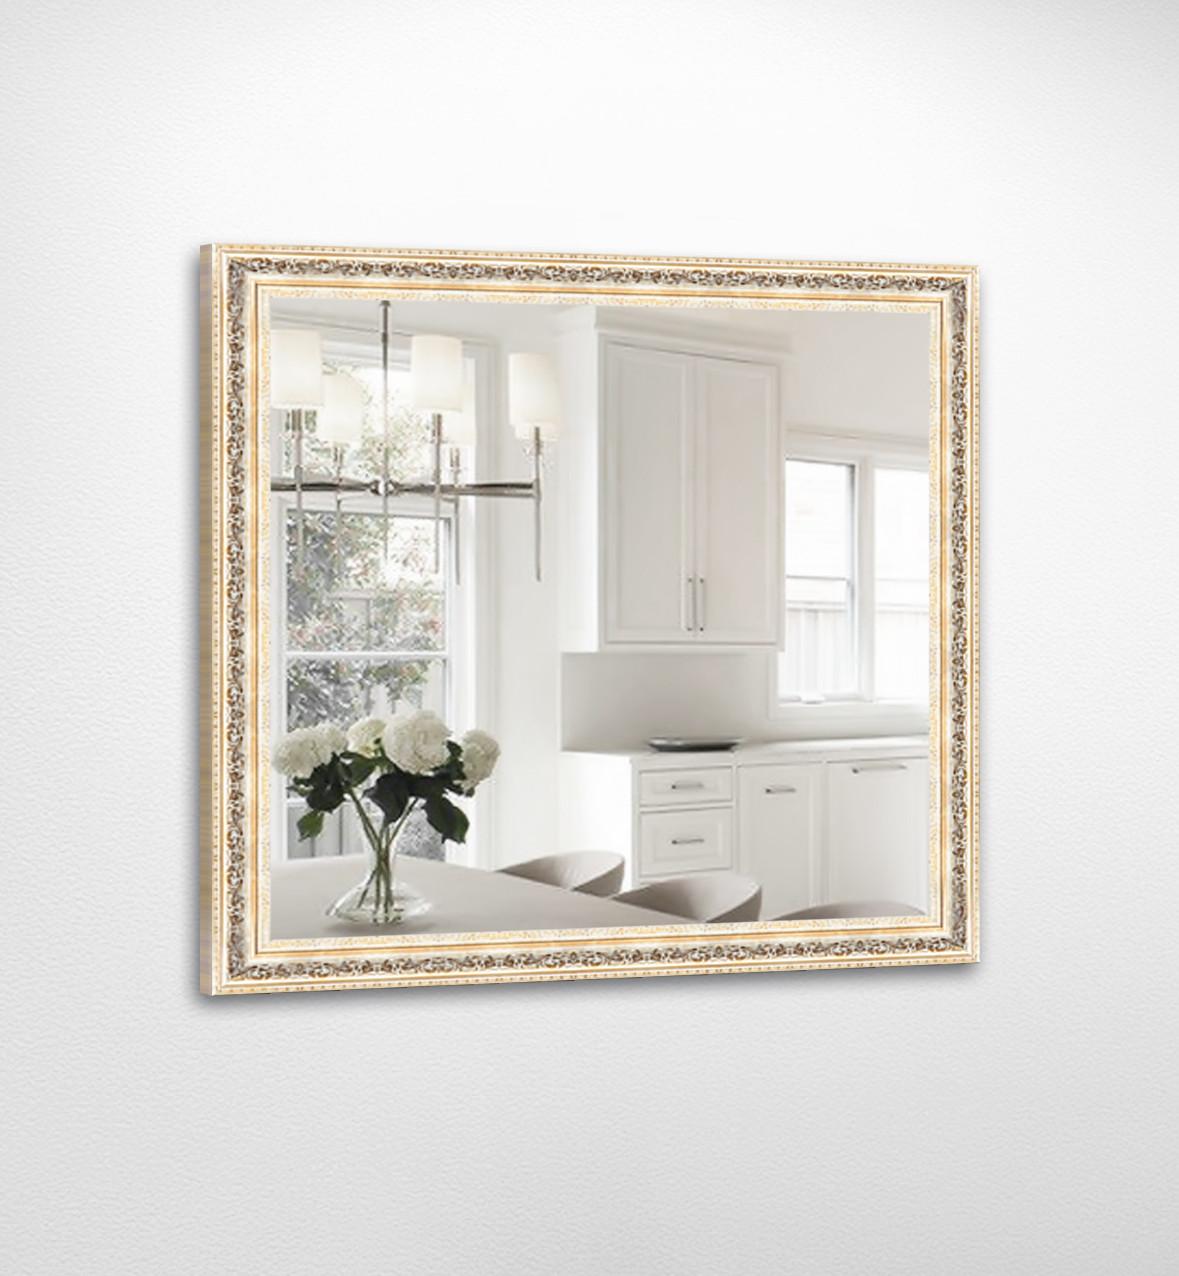 Настенное зеркало БЦ Стол Джулия квадратное B02 золотое